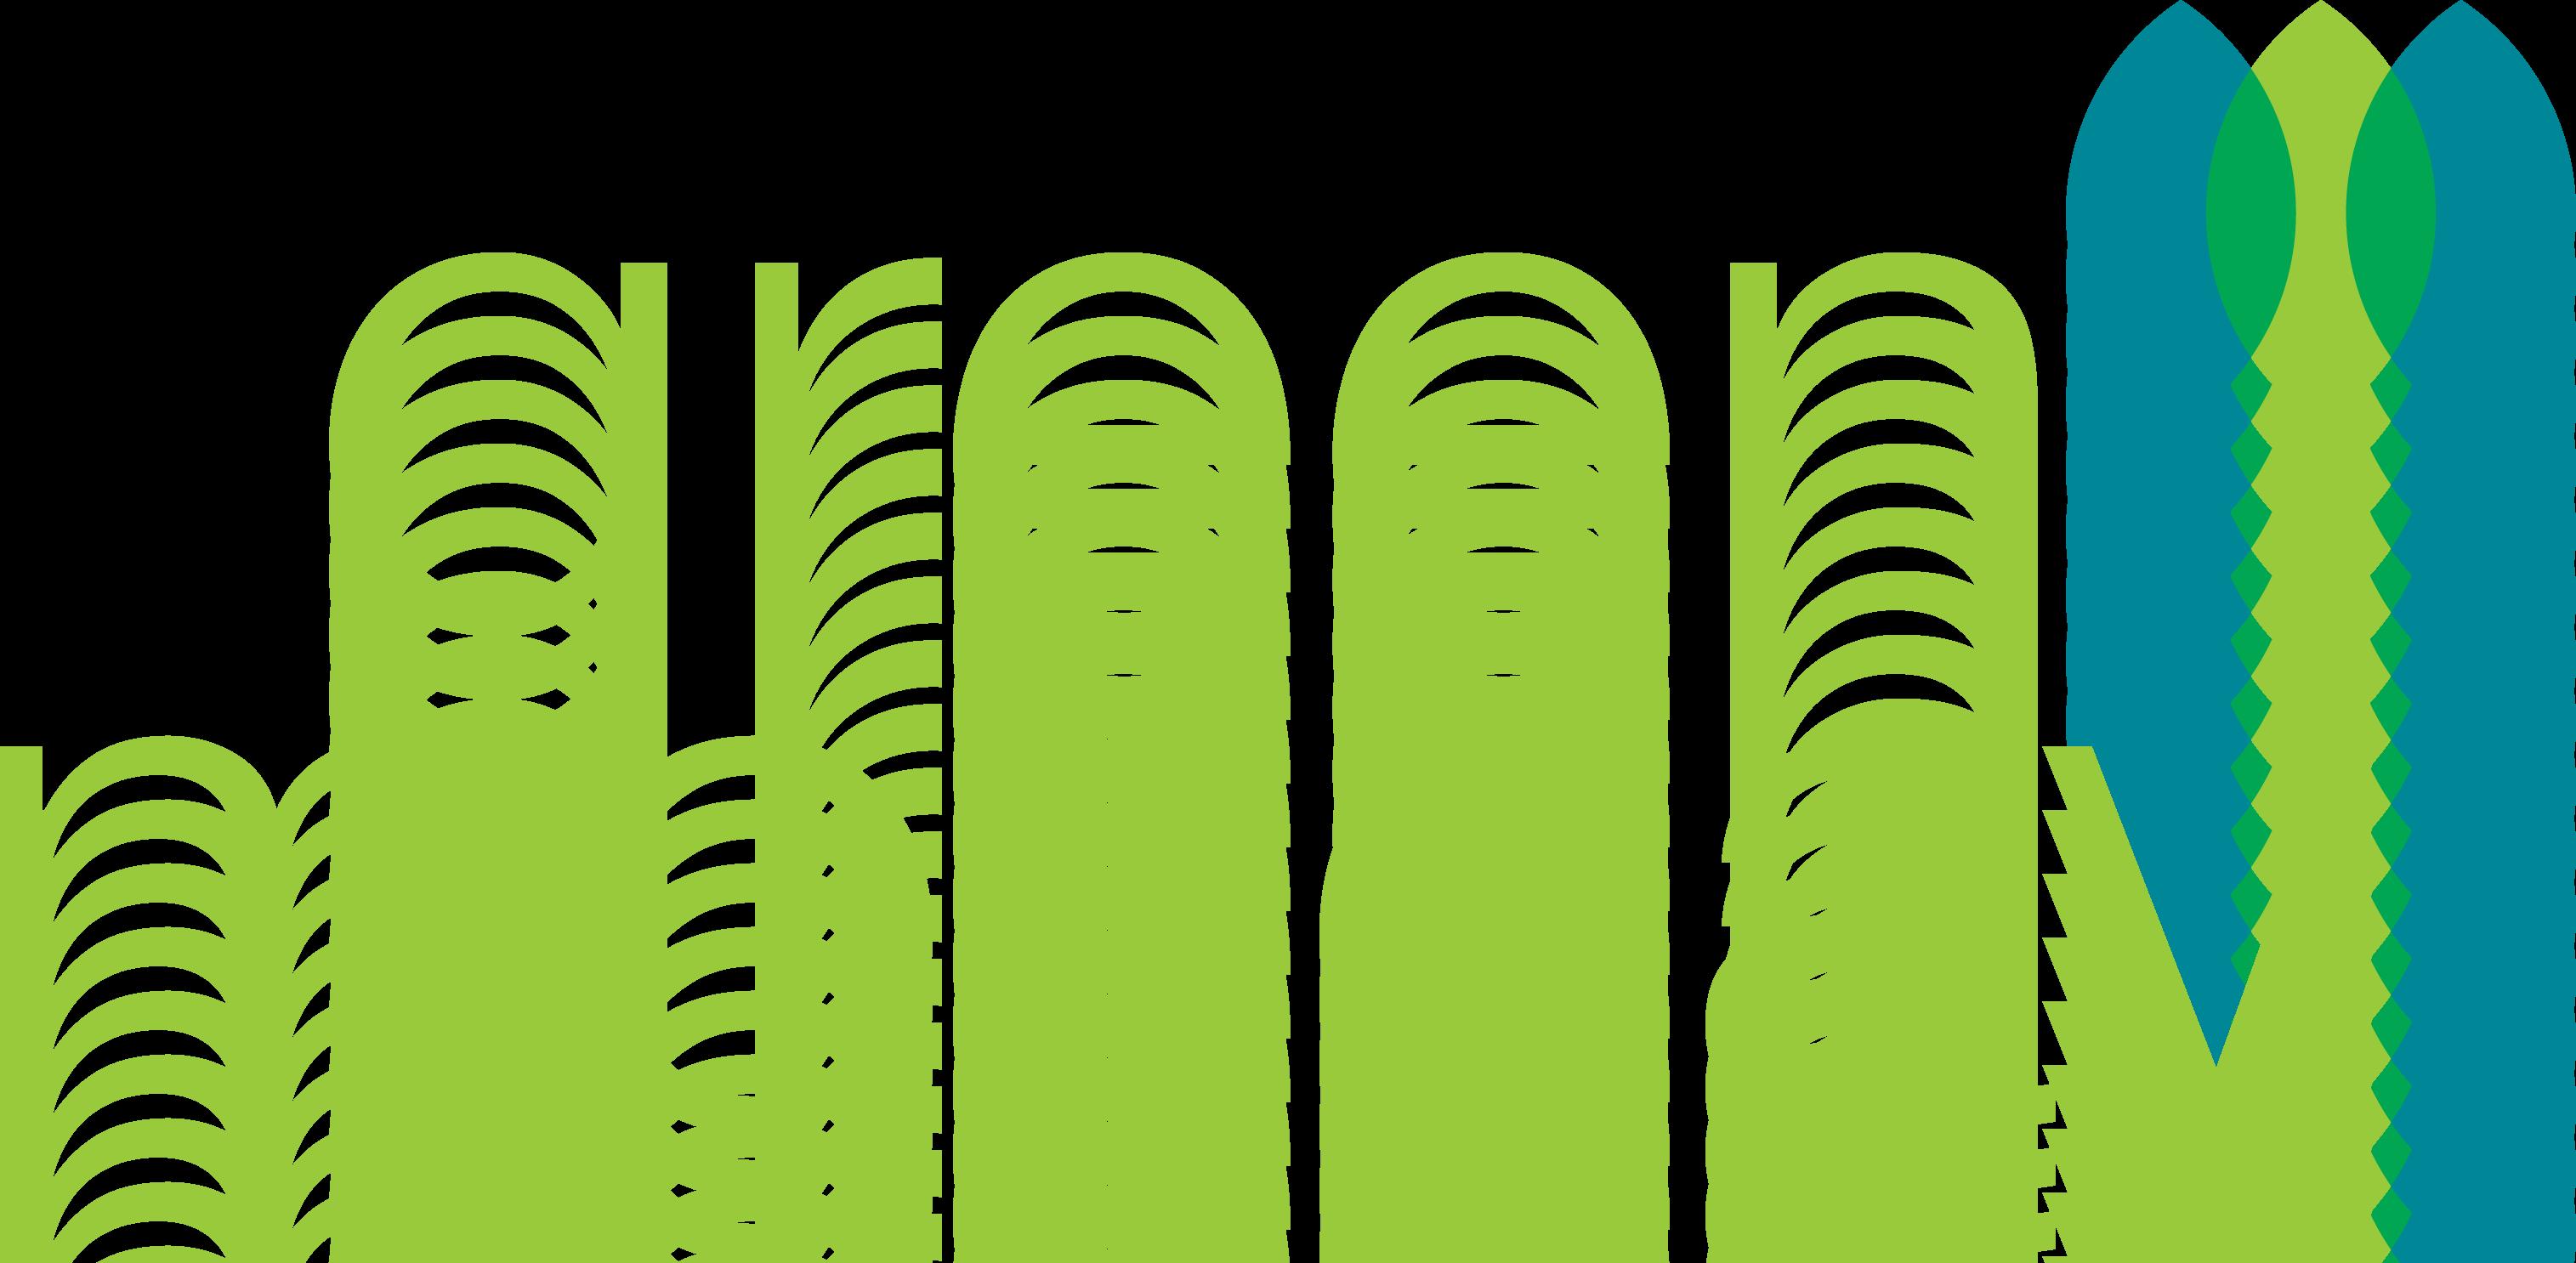 greenmonday